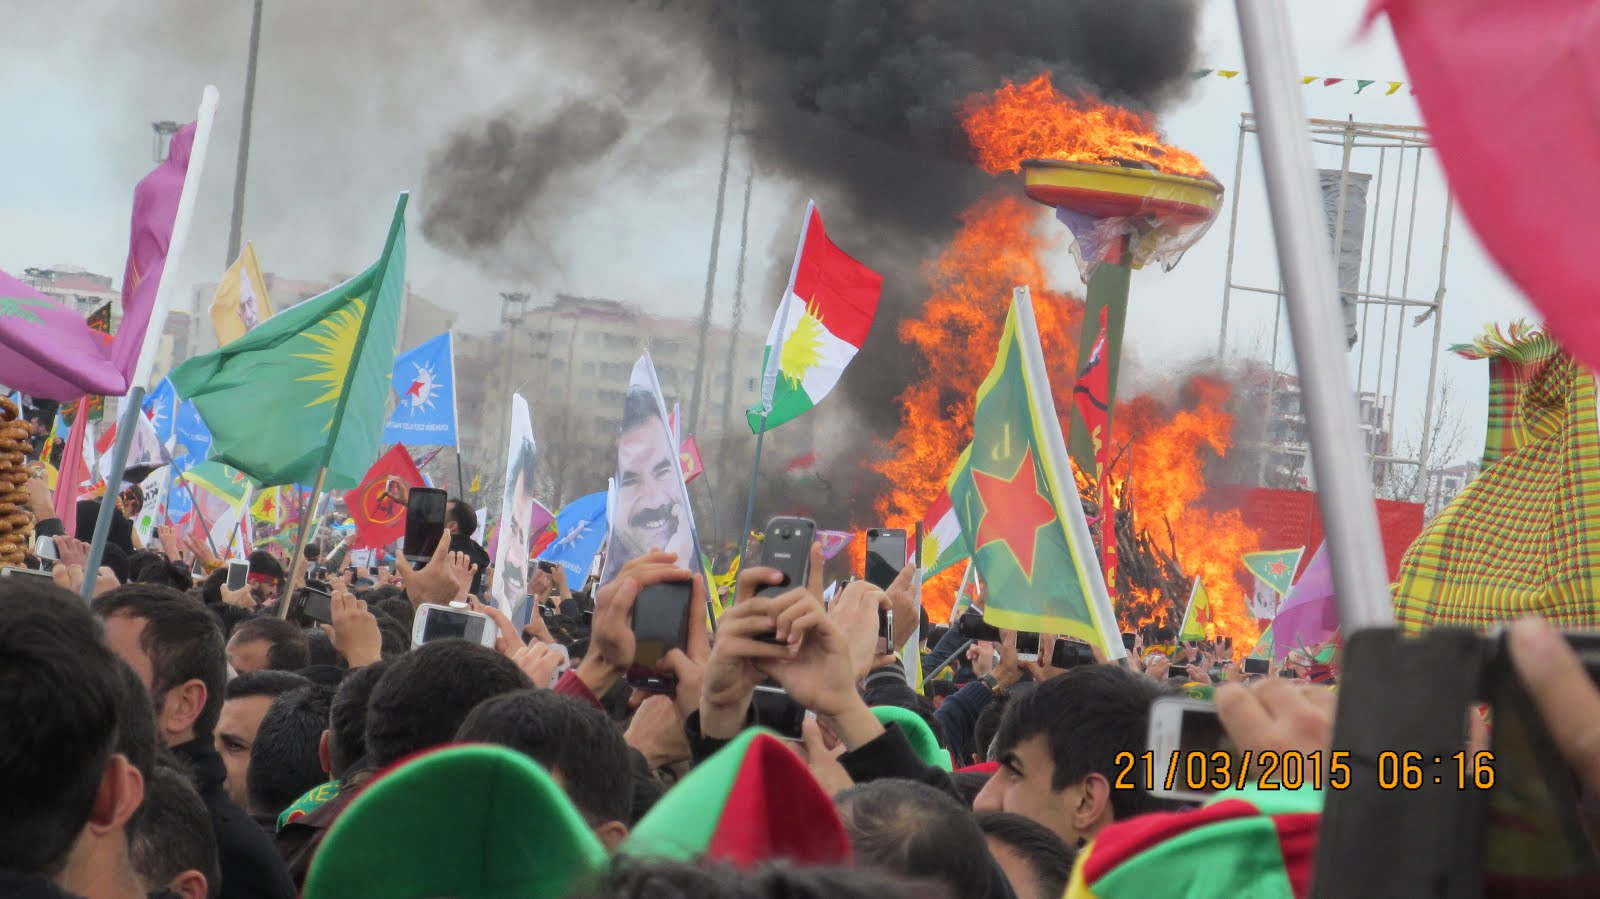 Documento de análisis: Situación Revolucionaria Inédita